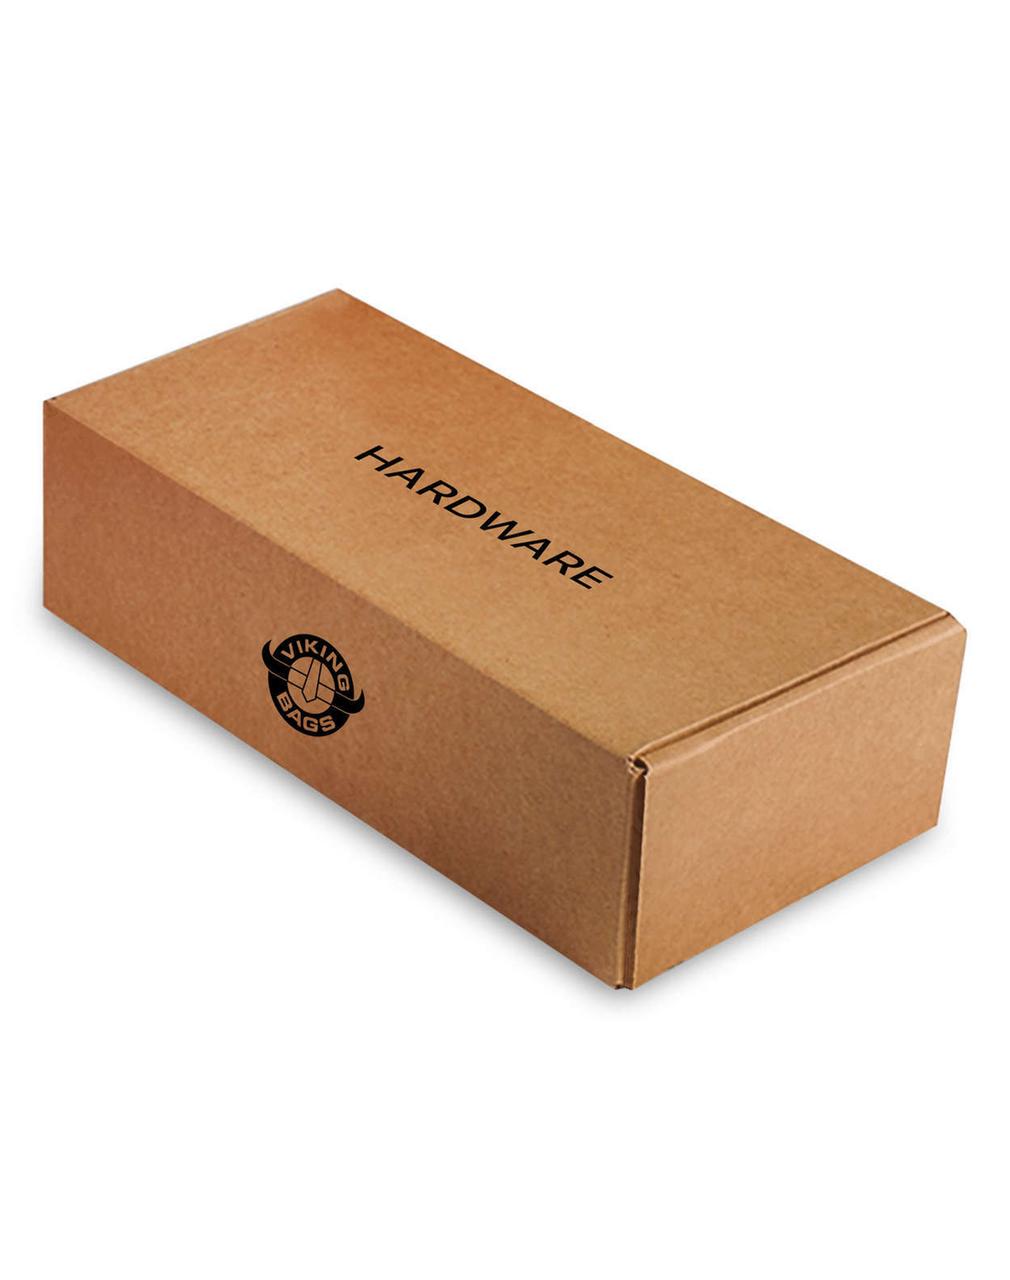 Honda 750 Shadow Phantom Large Warrior Slanted Motorcycle Saddlebags box